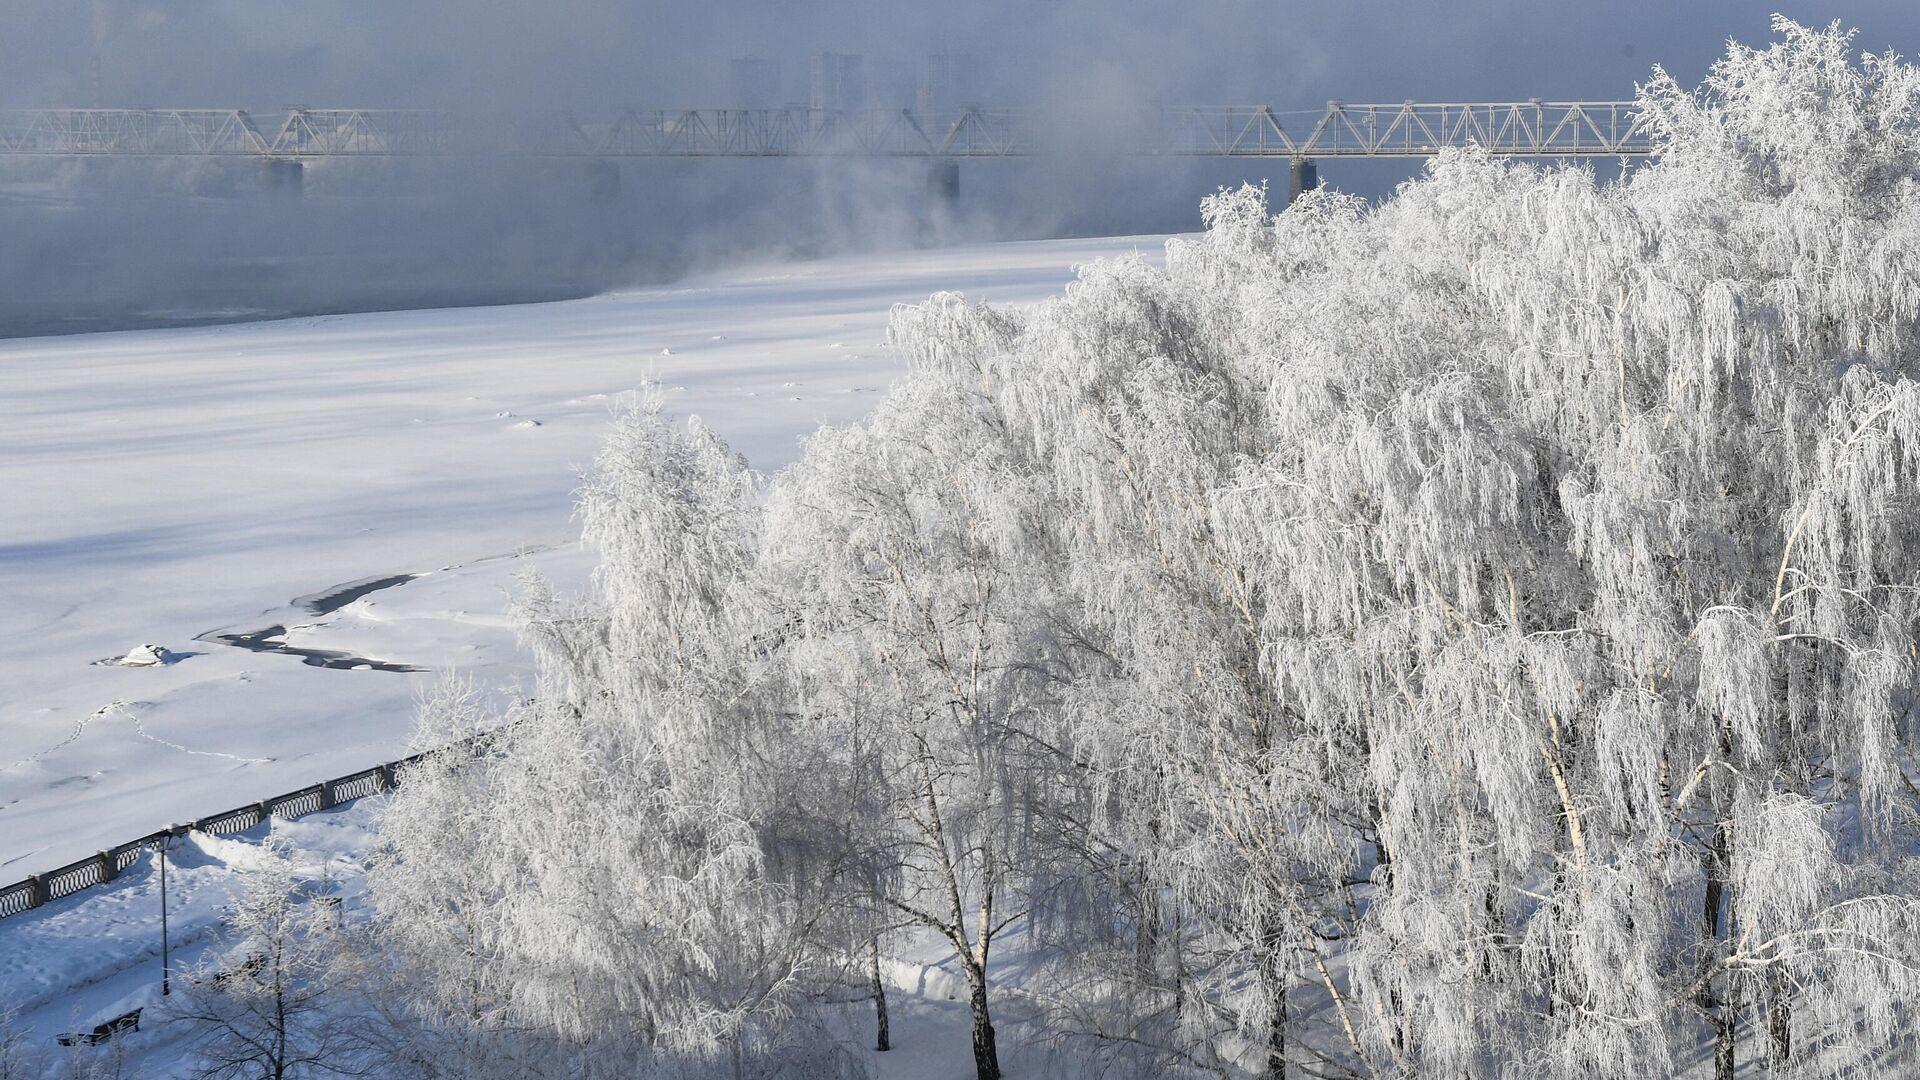 Набережная и железнодорожный мост через реку Обь в Новосибирске - РИА Новости, 1920, 11.10.2020